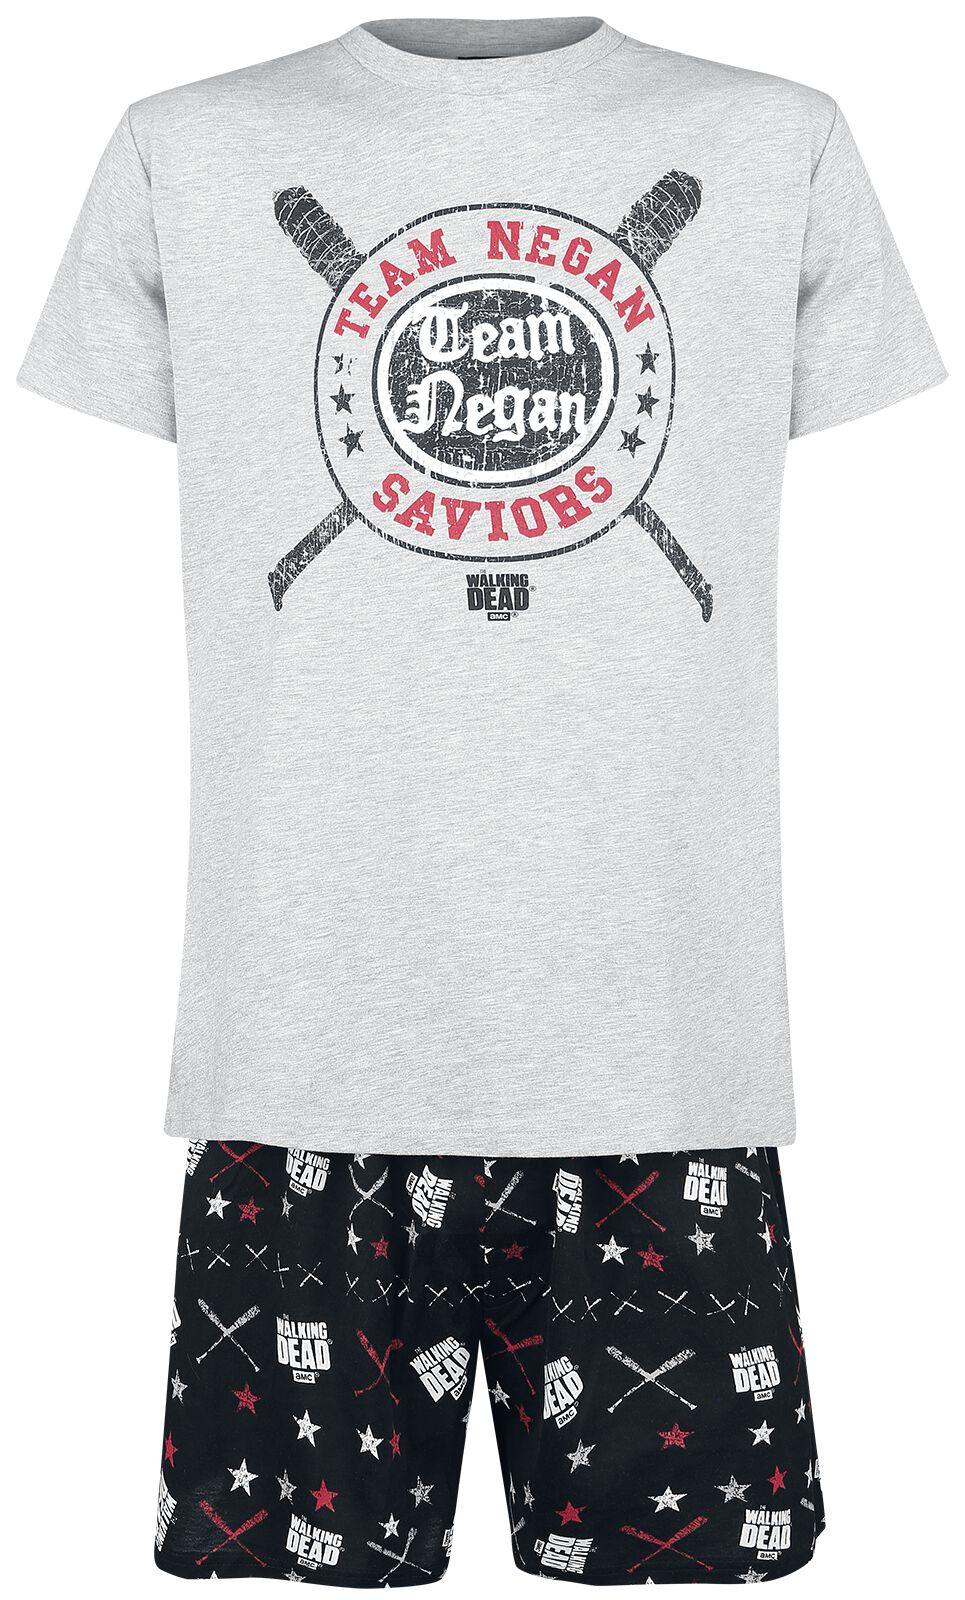 Image of   The Walking Dead Negan Pyjamas blandet grå-sort